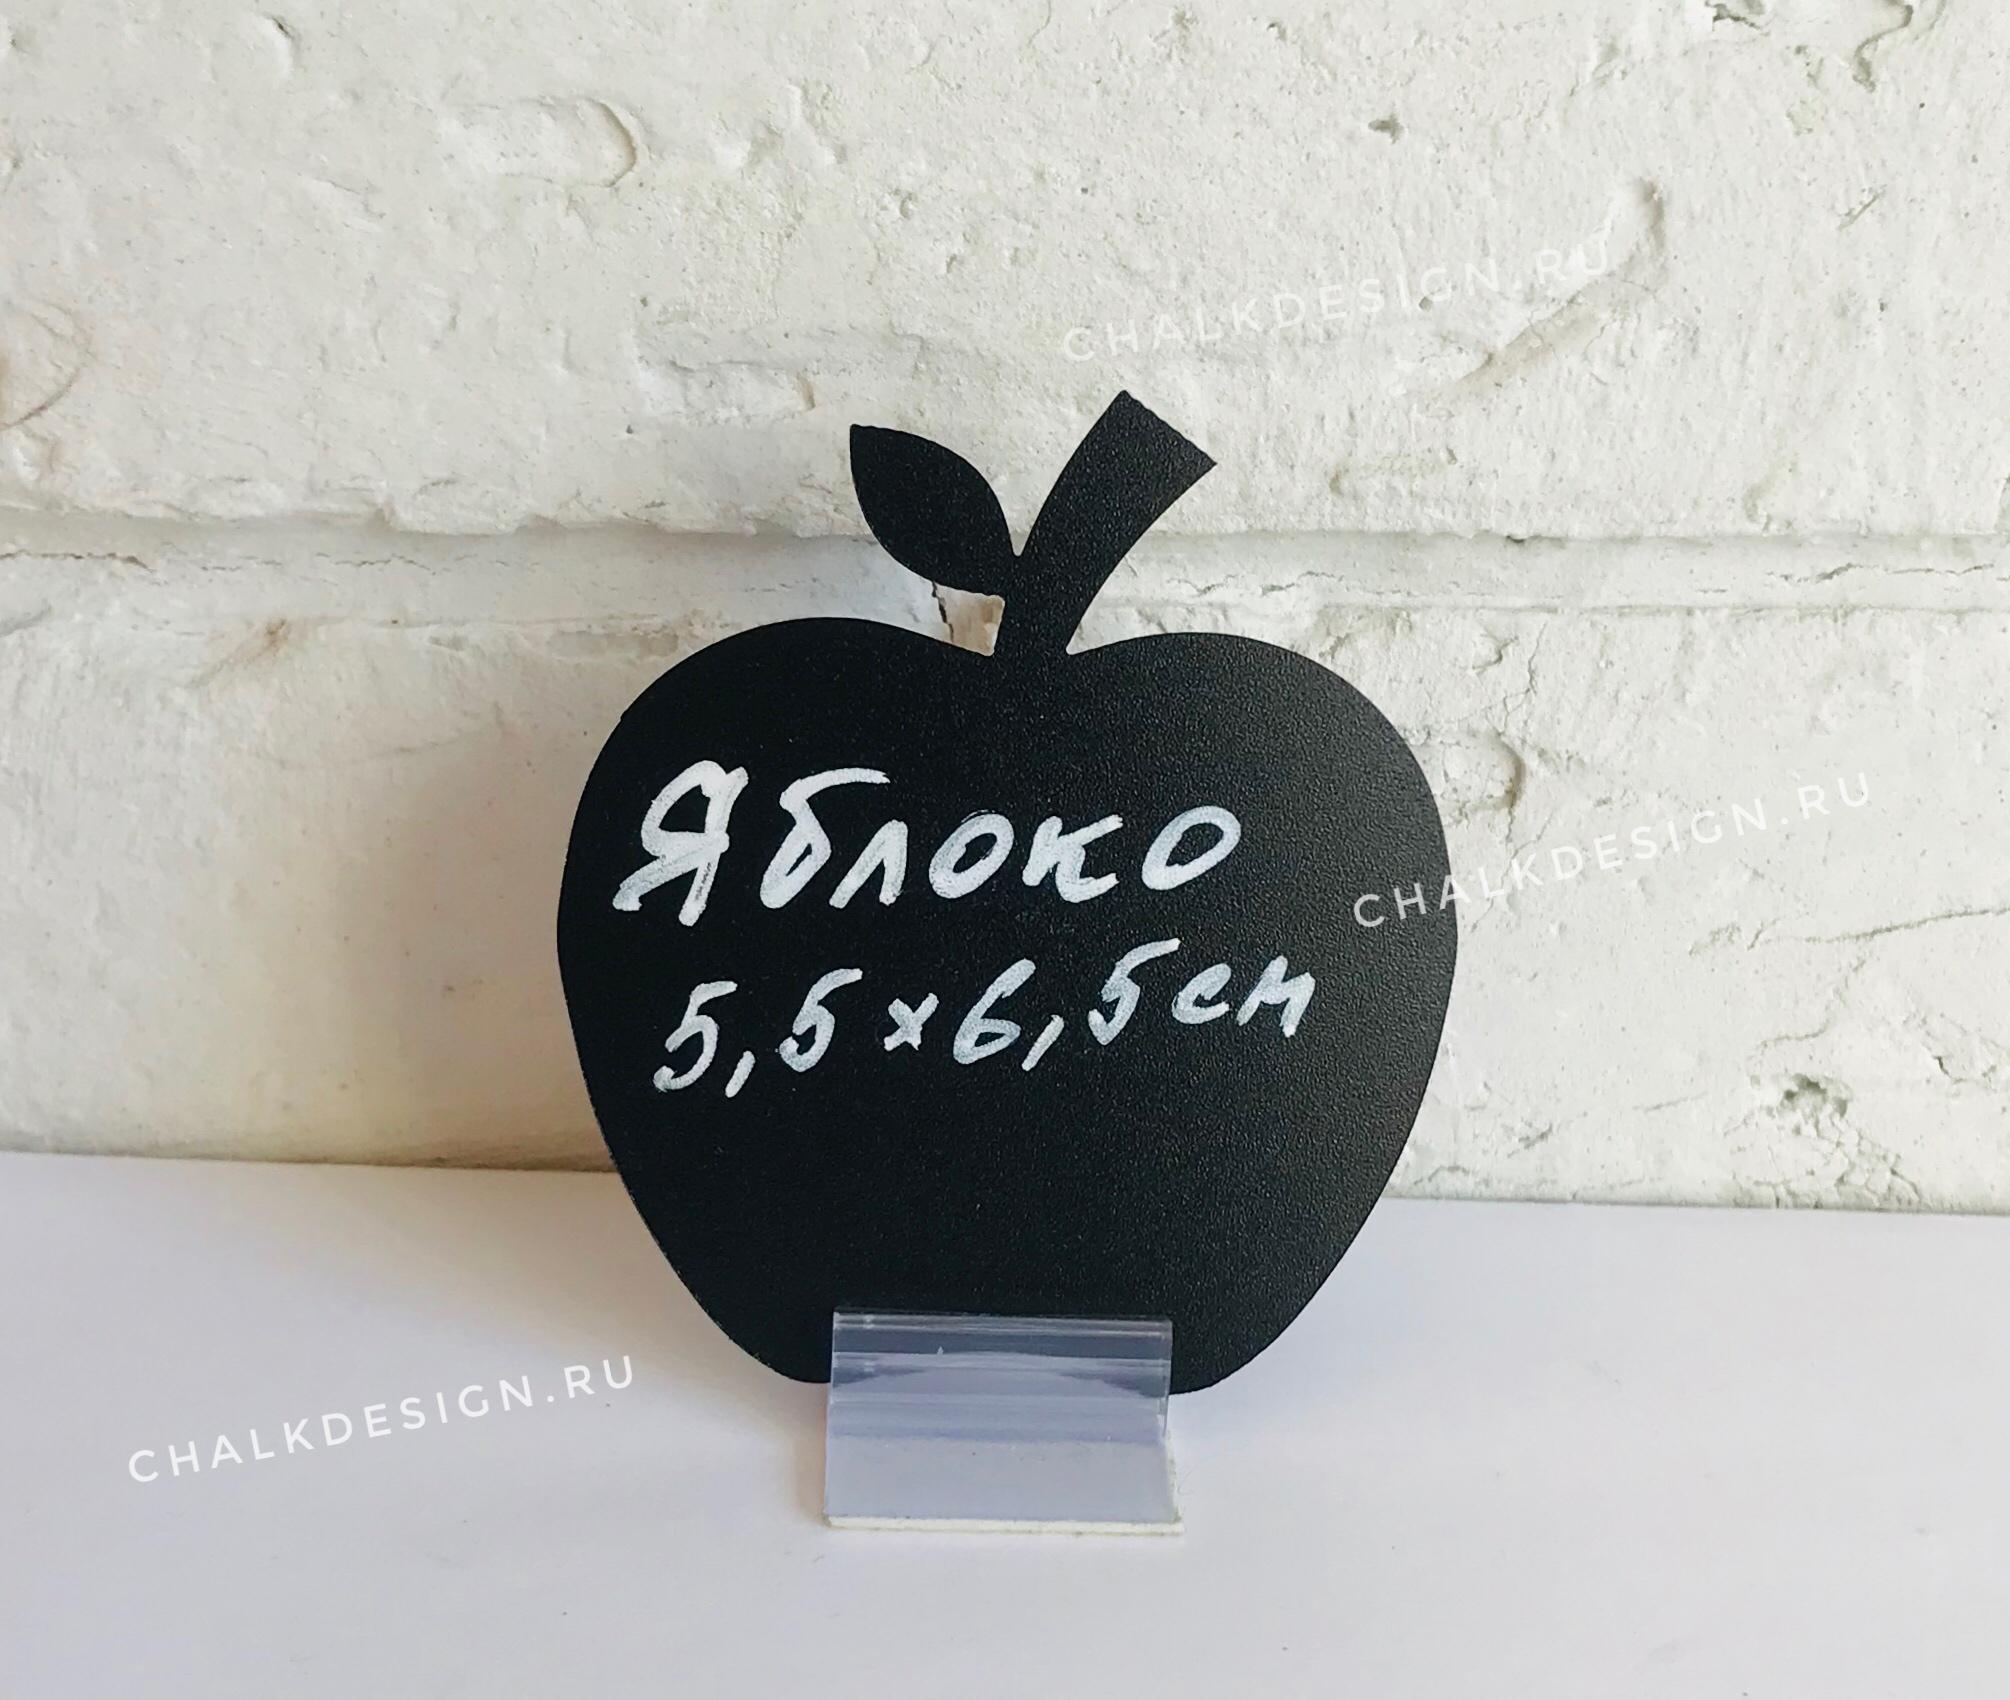 Меловой ценник Яблоко для магазина фрукт